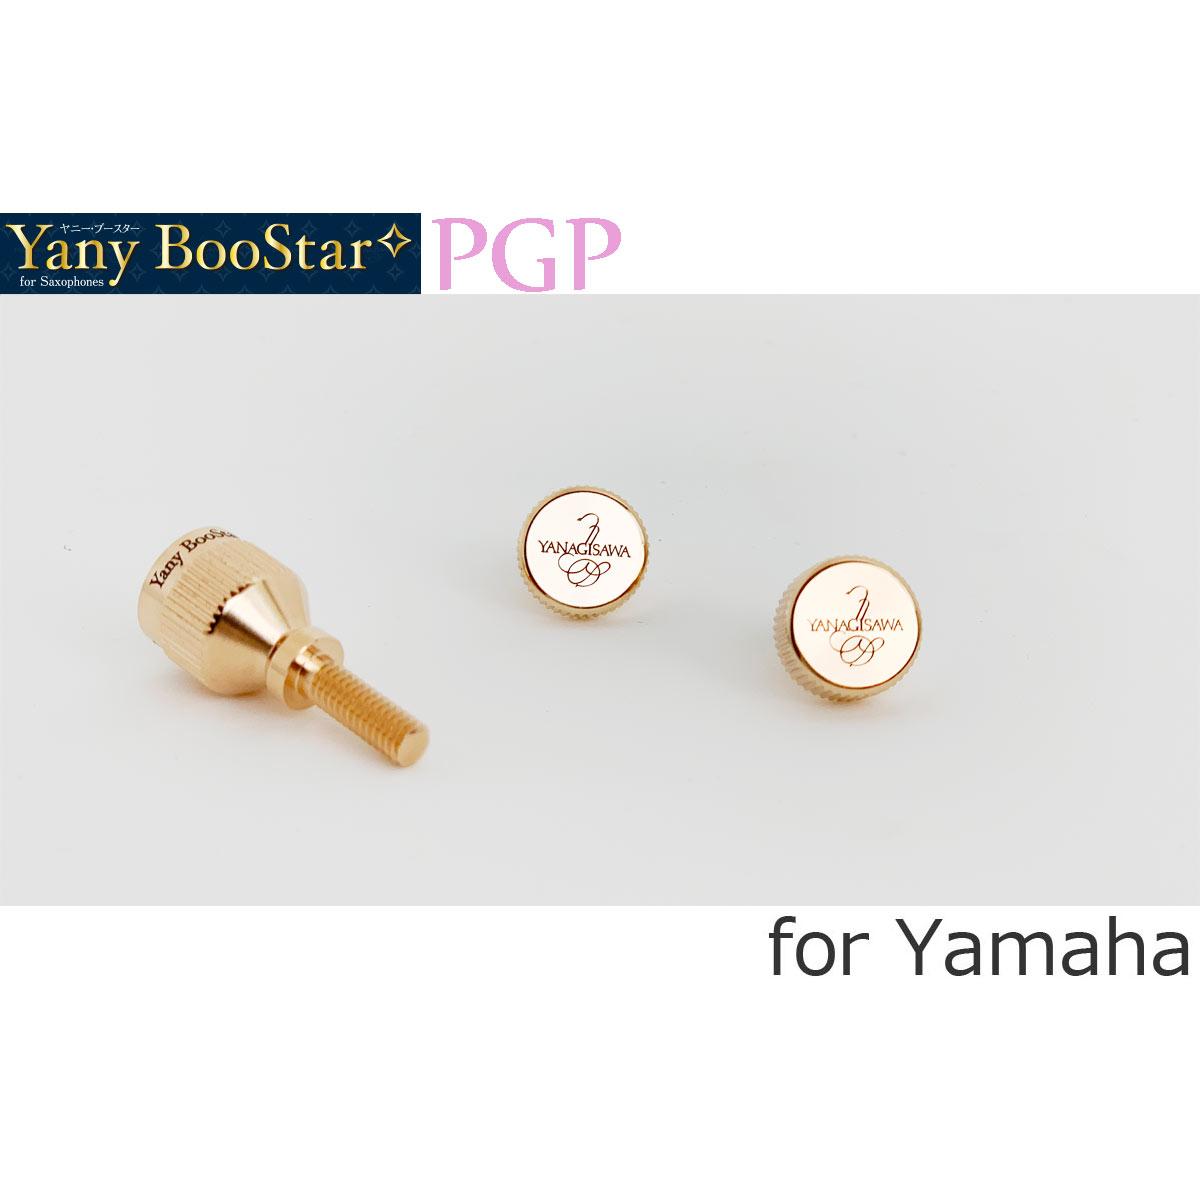 あす楽365日 激安 激安特価 送料無料 Yanagisawa YANYBOOSTAR ヤニーブースター PGP ネックスクリューセット 年末年始大決算 ヤマハ用 ピンクゴールドプレート